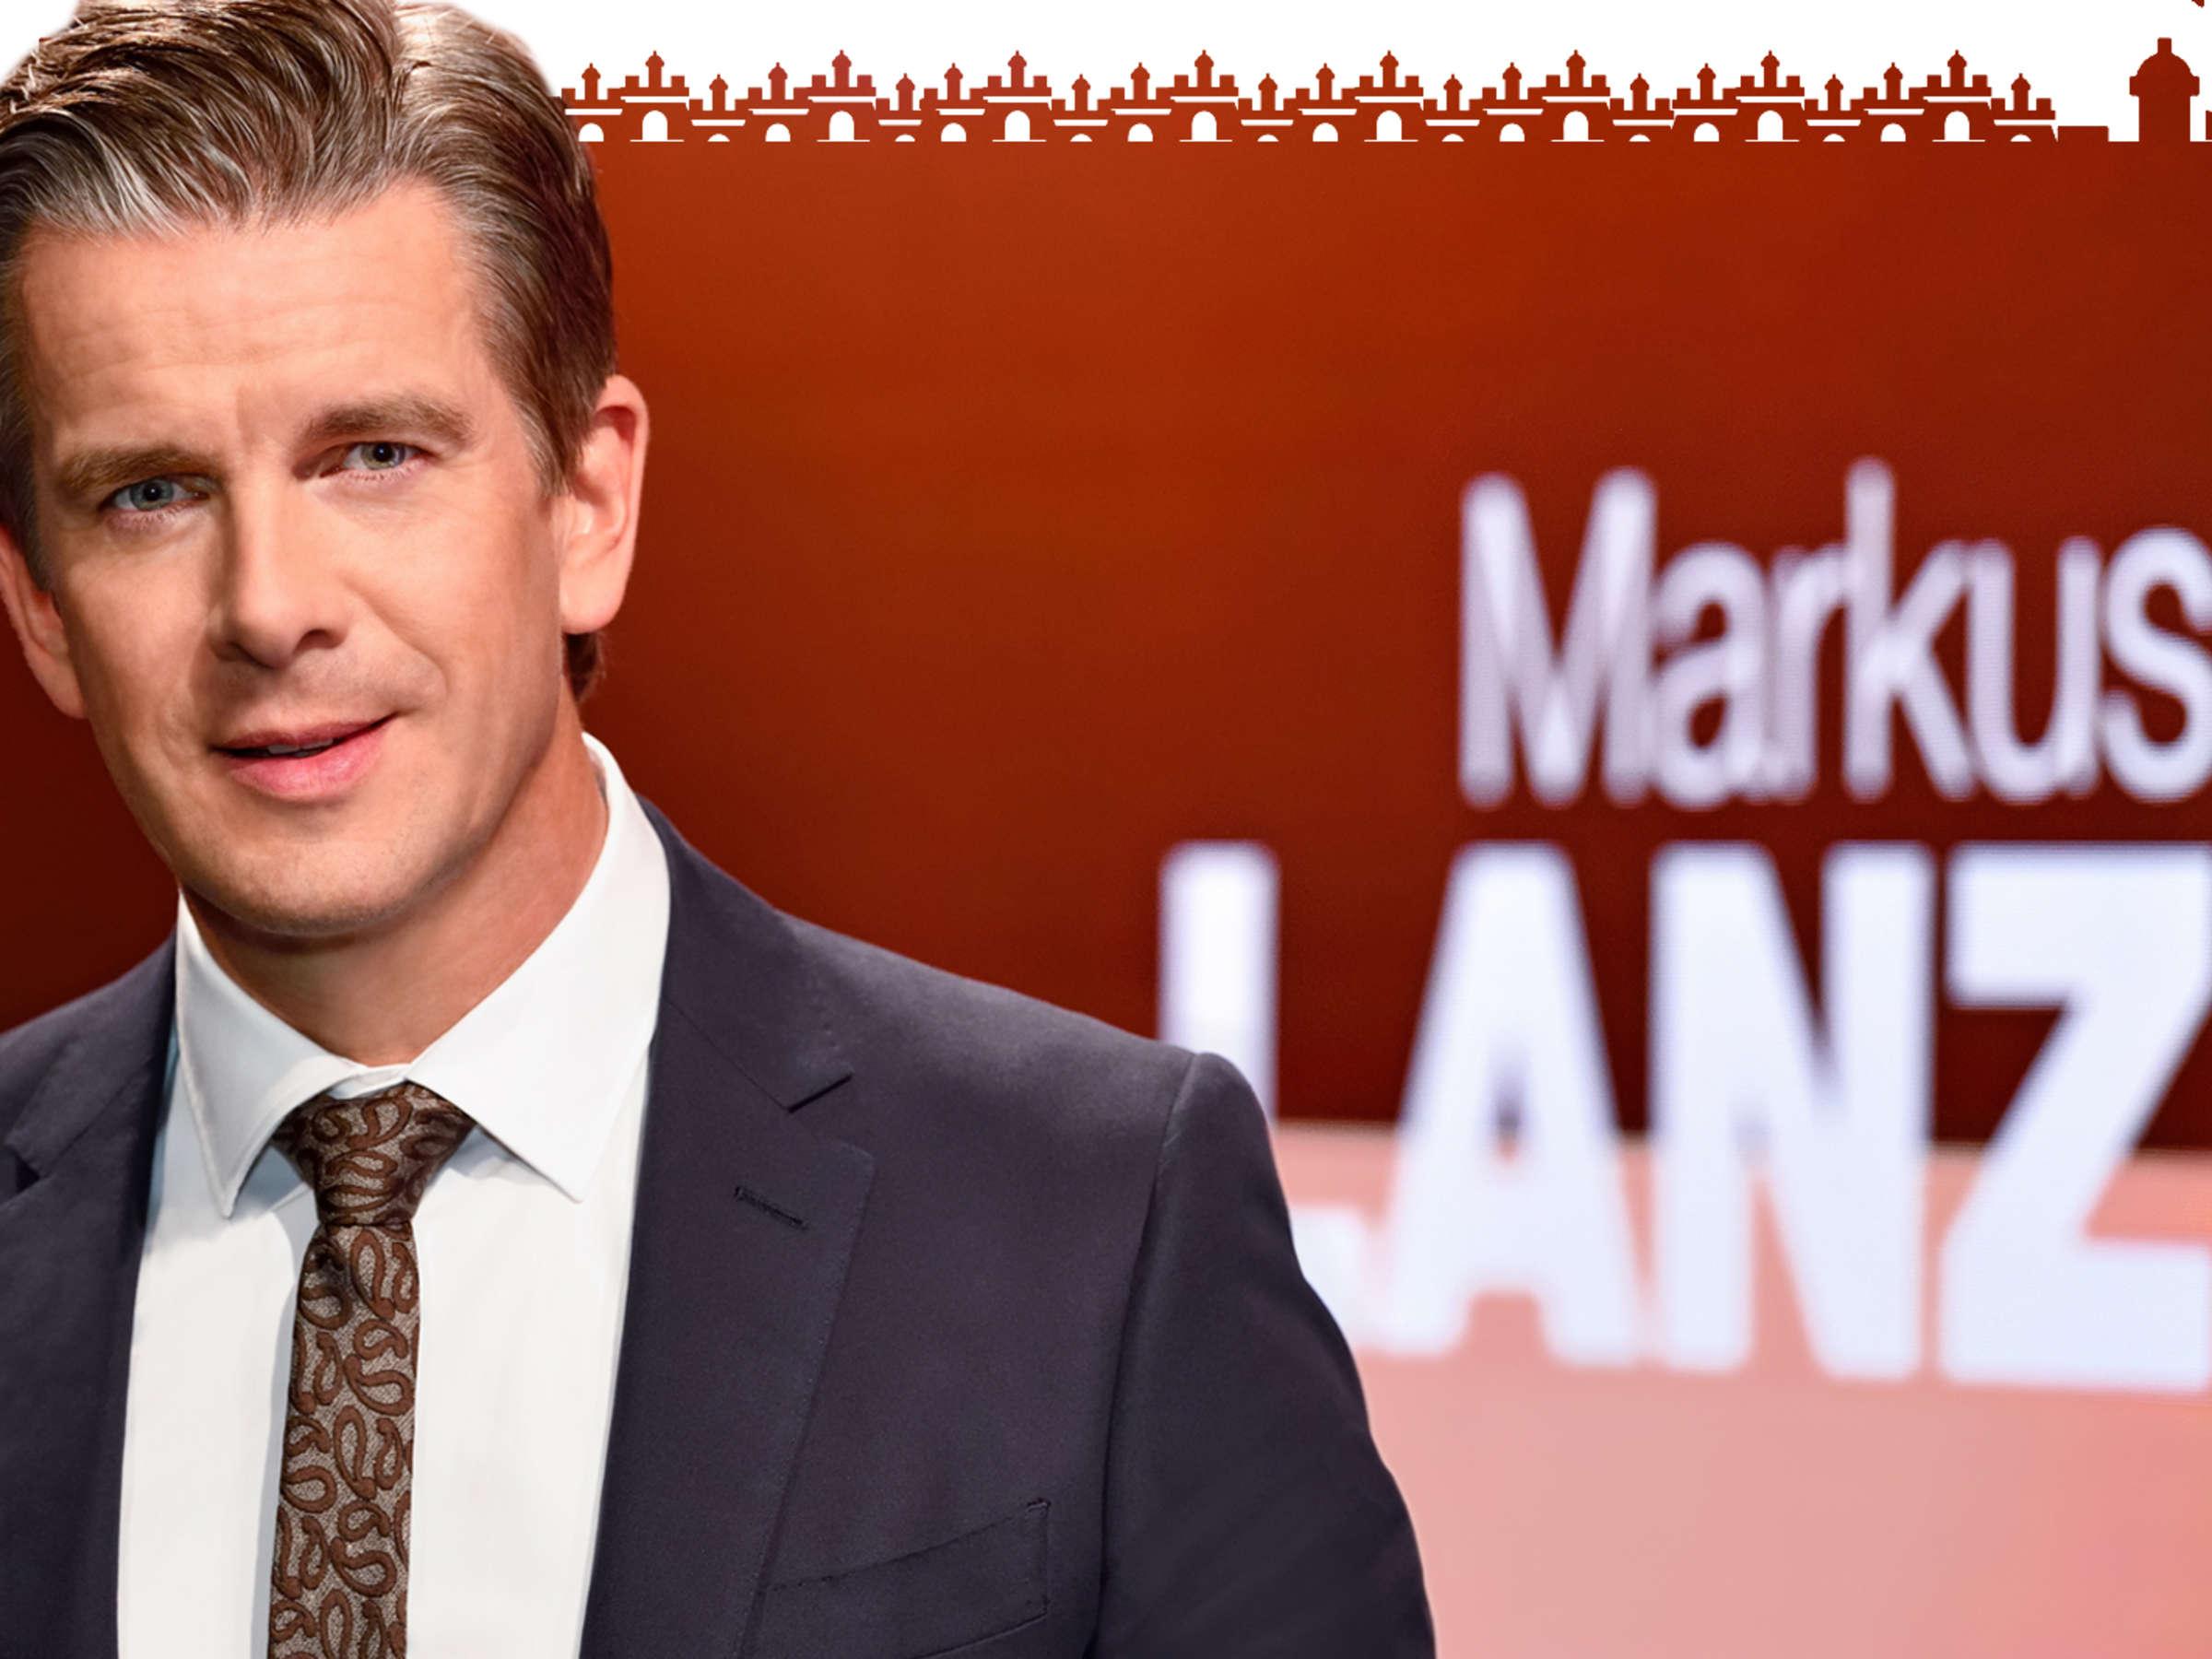 Markus Lanz (ZDF) endlich zurück aus Sommerpause – Talkshow